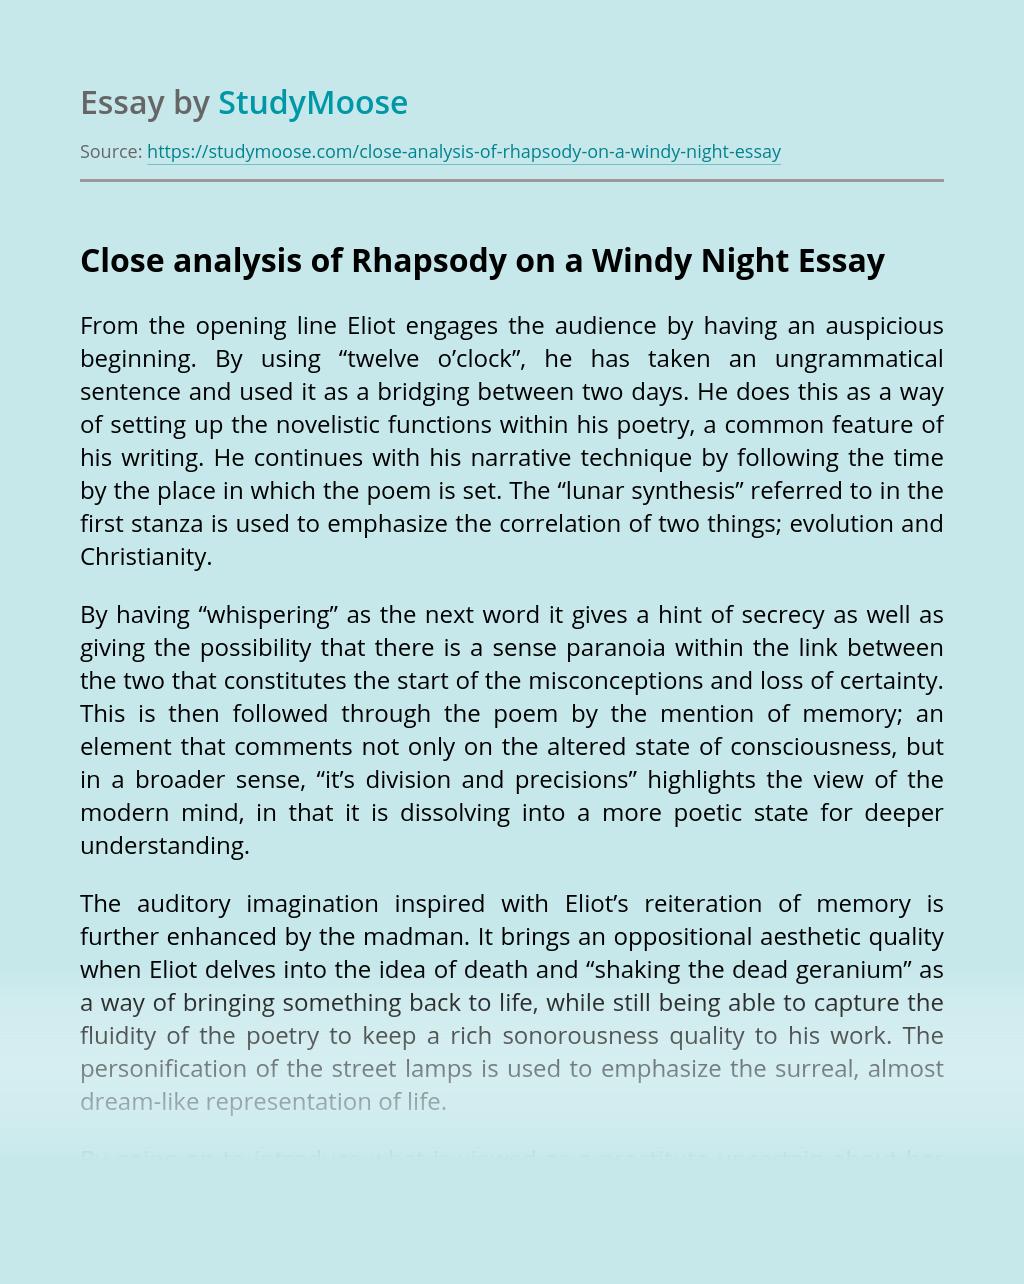 Close analysis of Rhapsody on a Windy Night